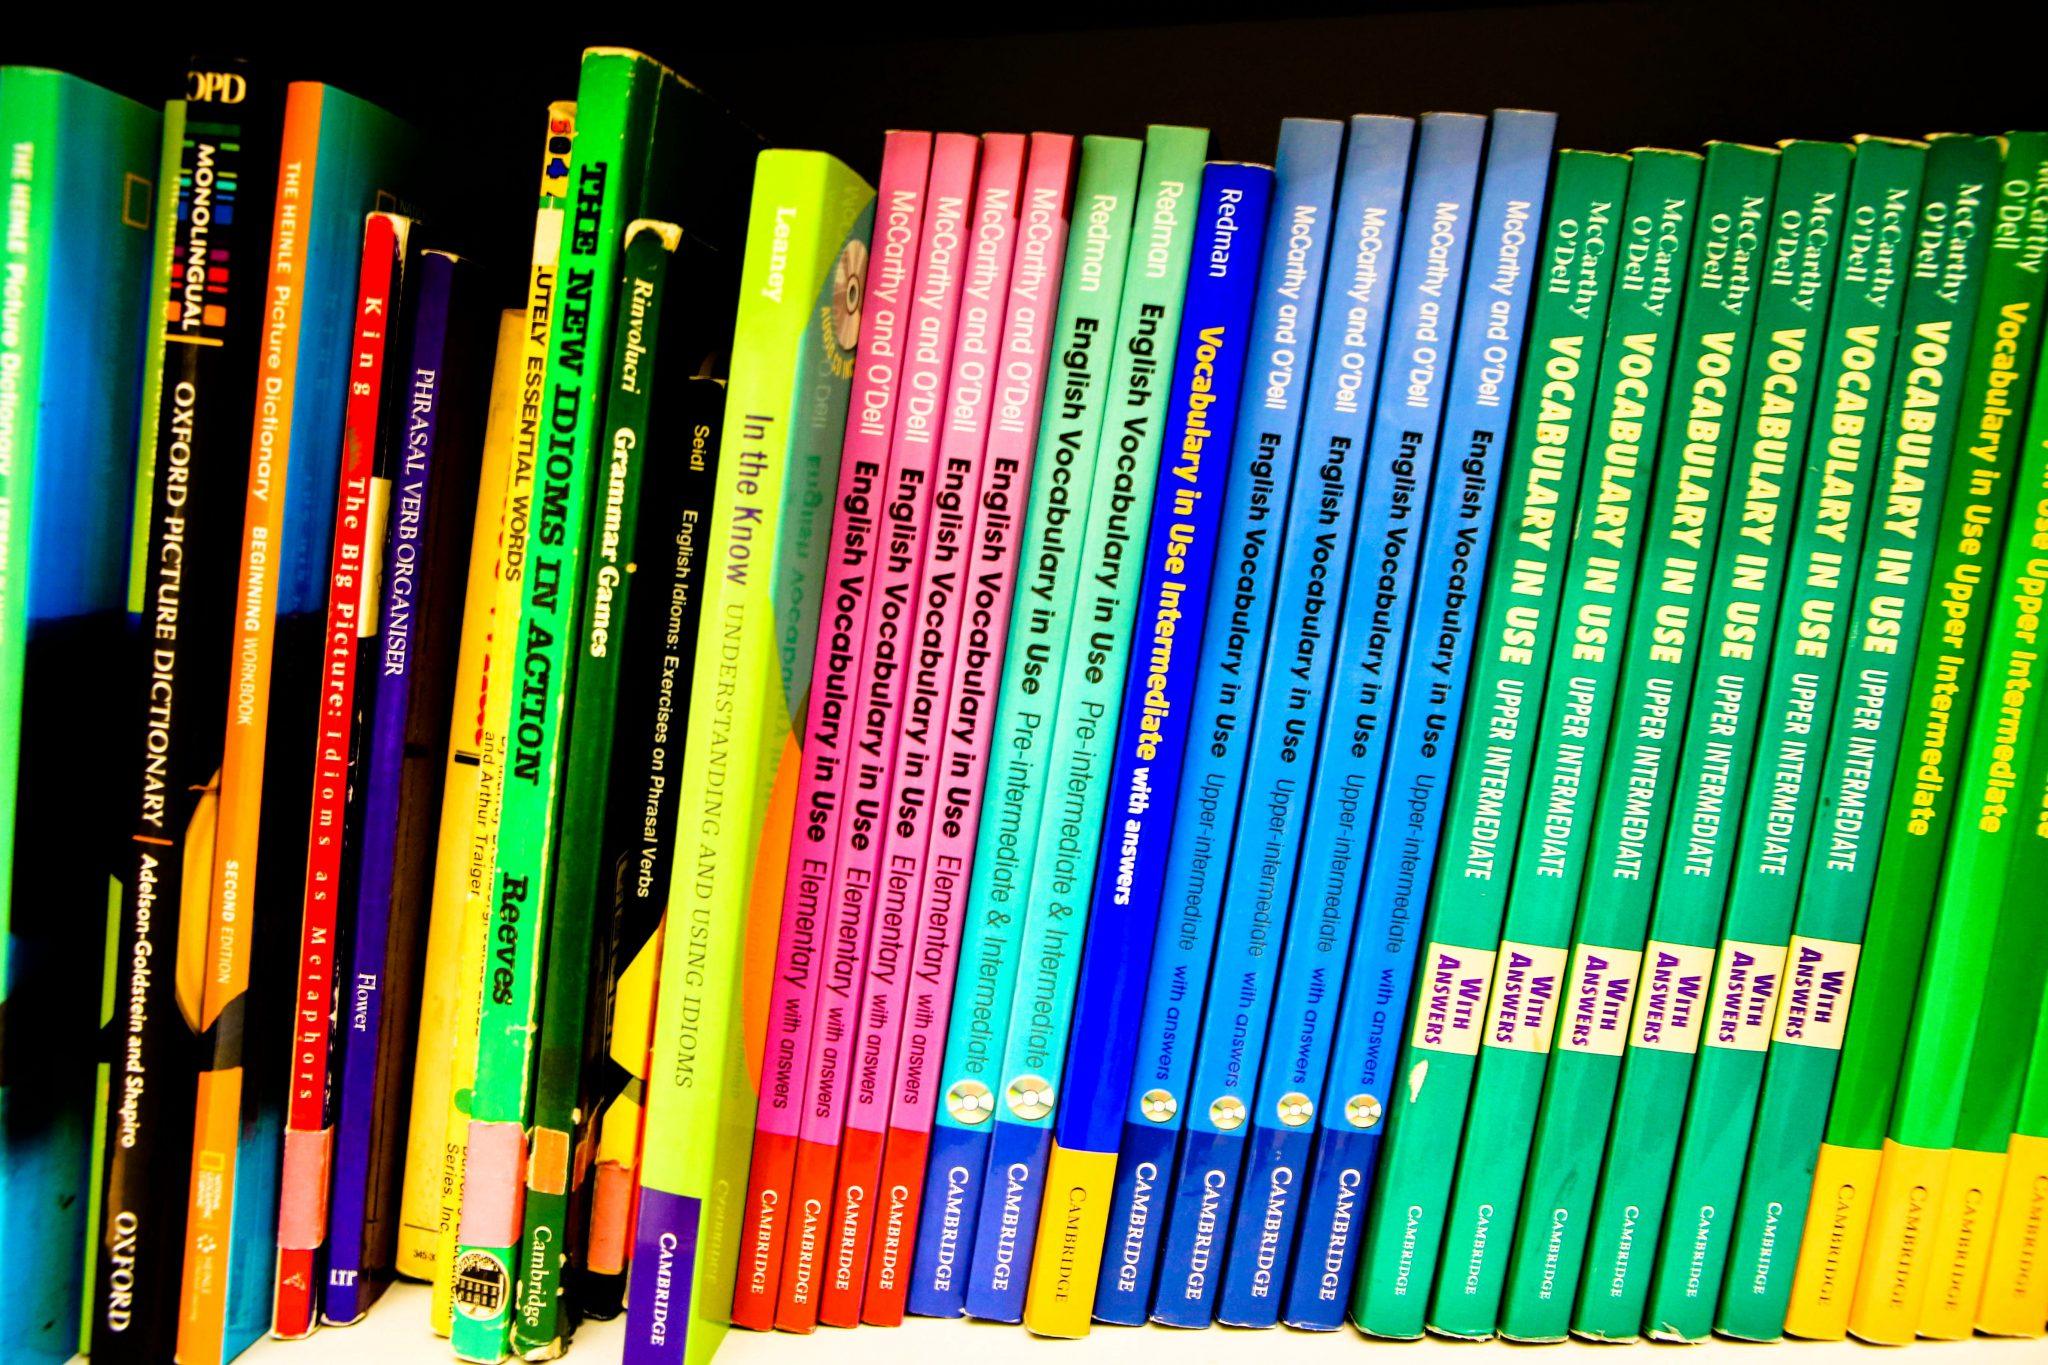 10 สถานที่อ่านหนังสือ เปลี่ยนบรรยากาศน่าเบื่อ !